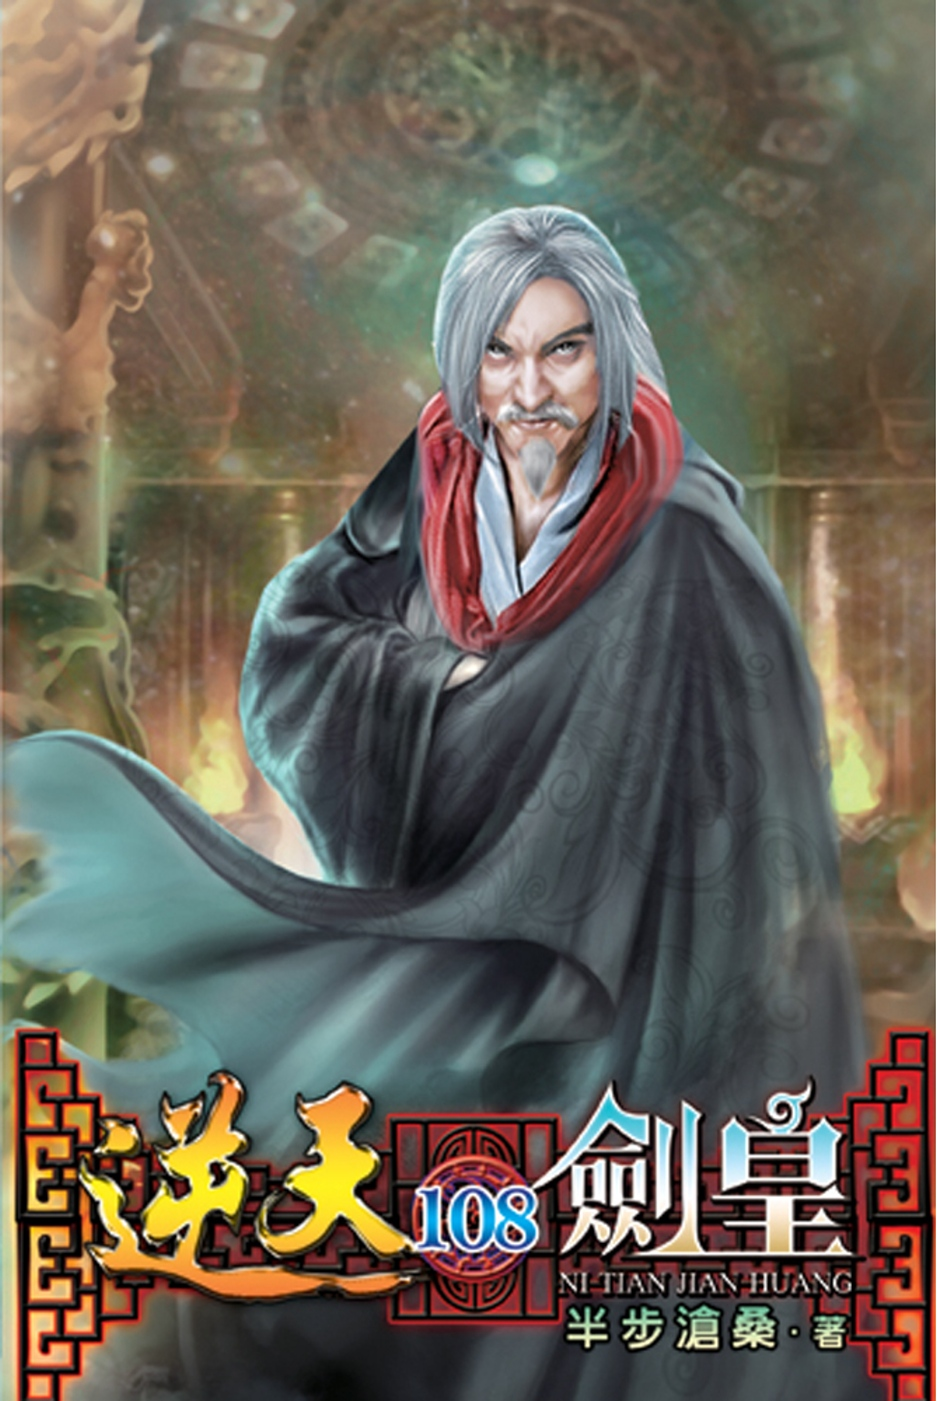 逆天劍皇108